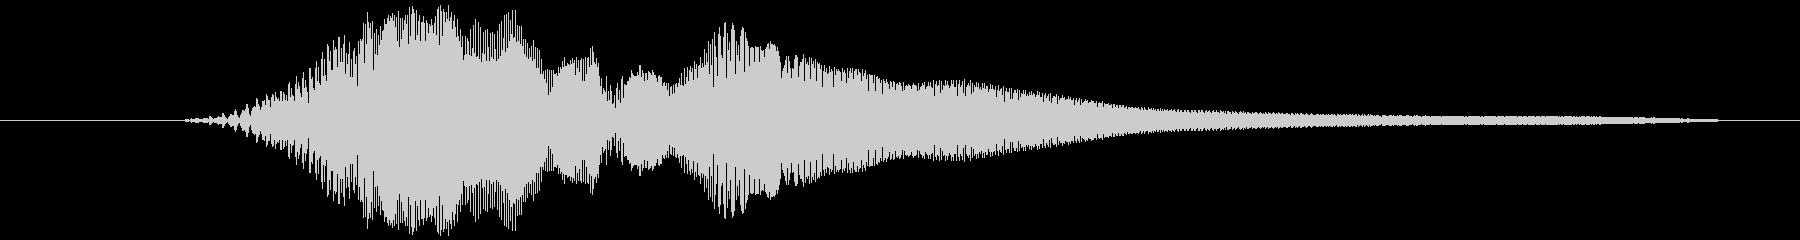 選択音、決定音など (テッ)の未再生の波形